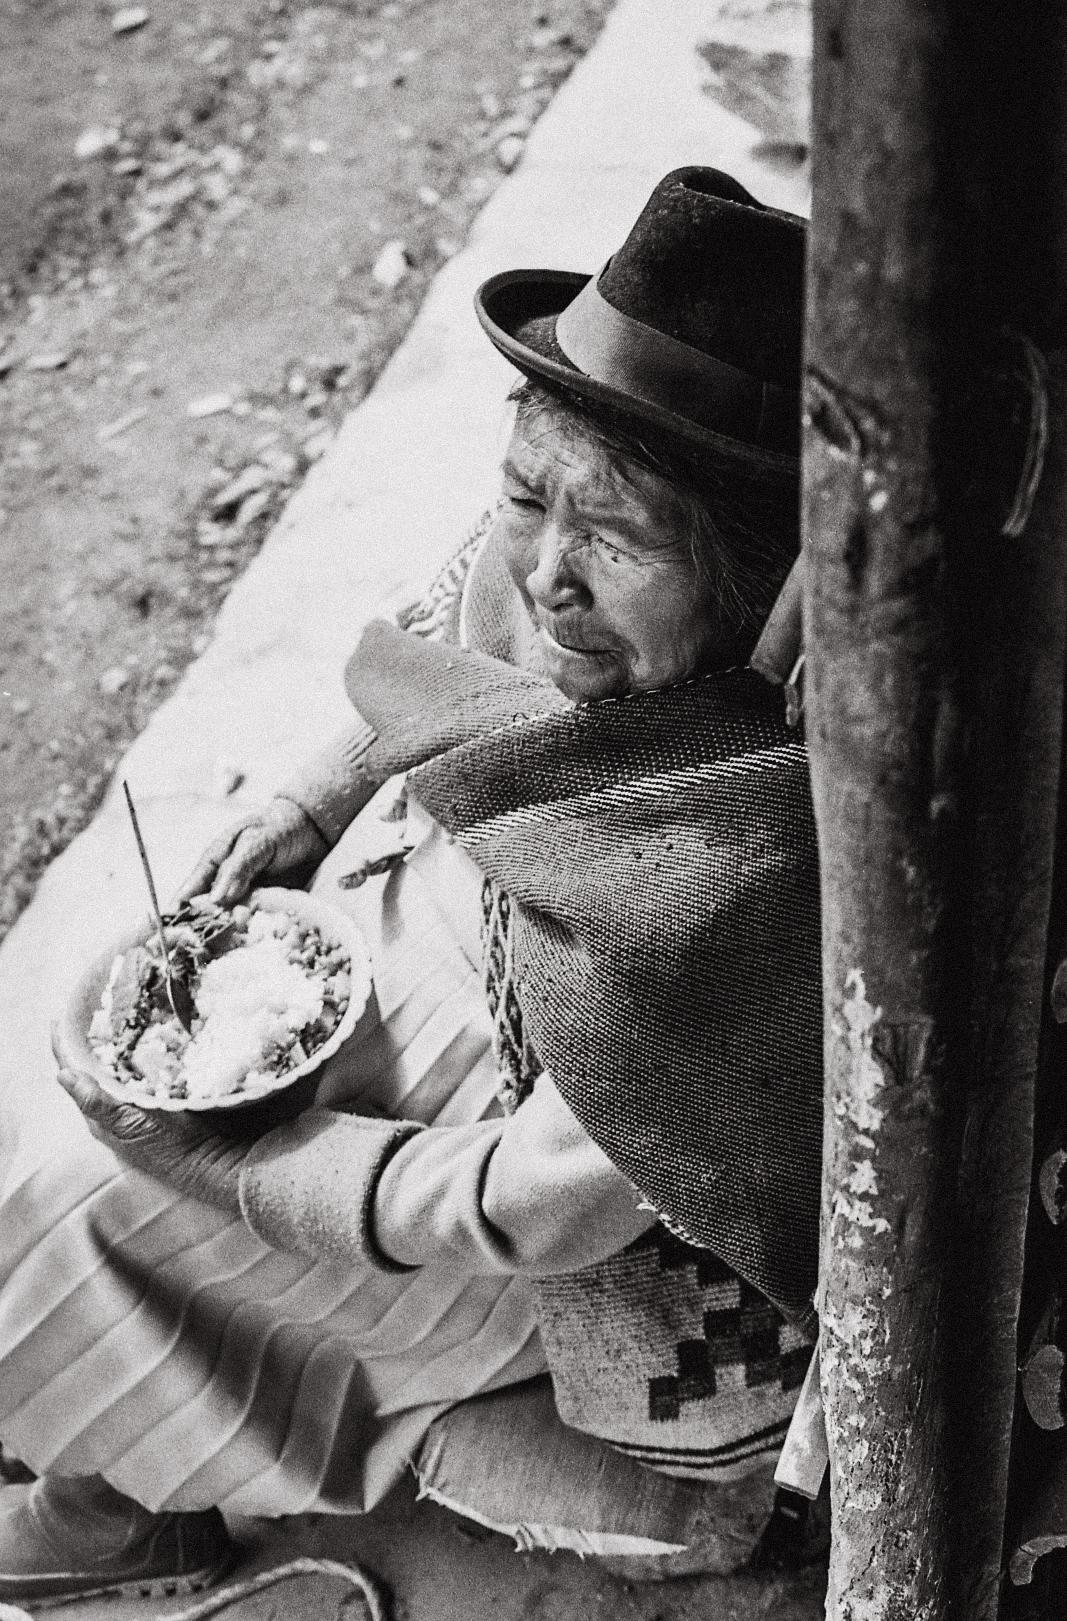 Fotos: ©Mateo Leguizamón/ Aica Colectivo